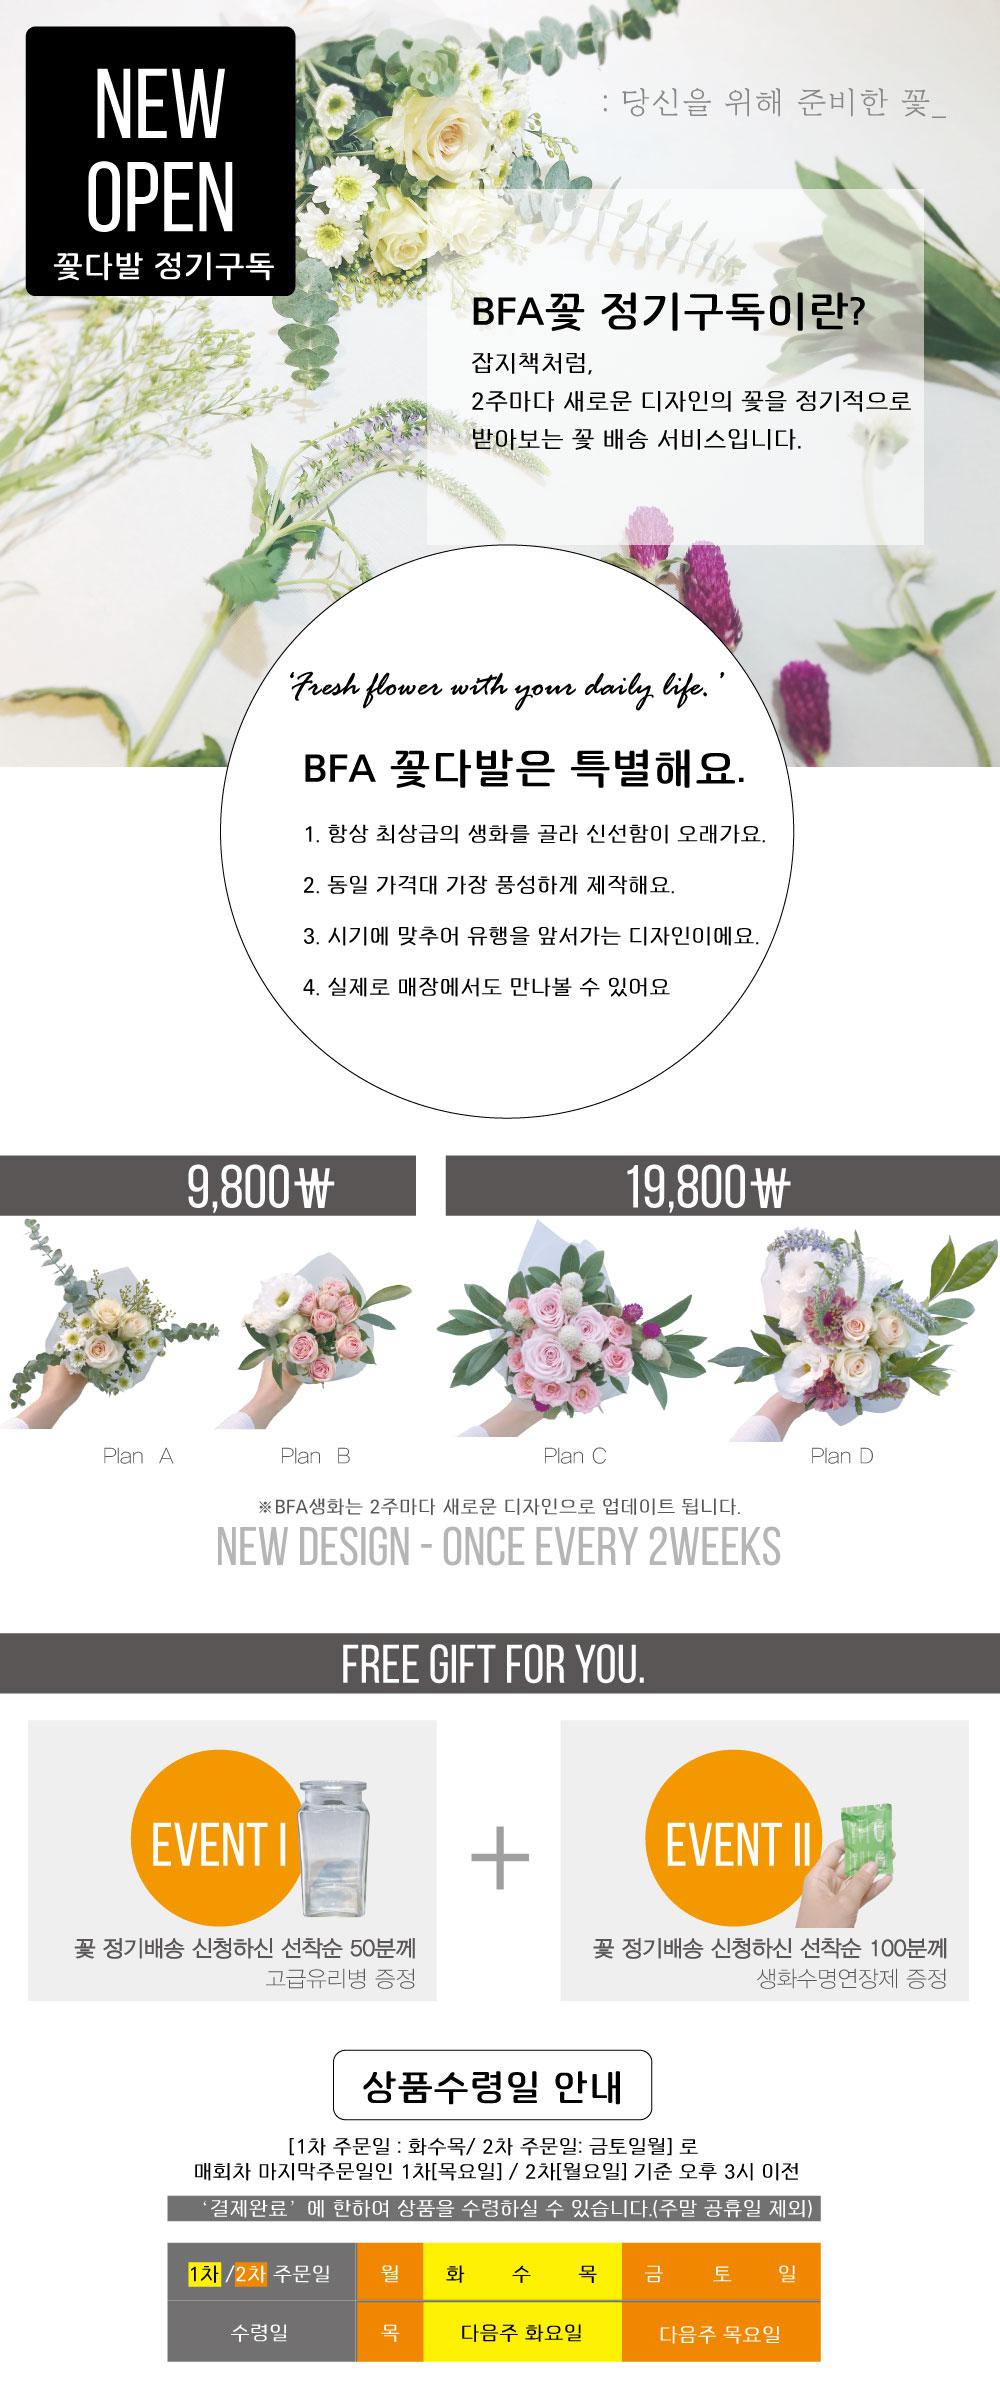 ☆ 정기 꽃배송 런칭 9,800원& 런칭사은품 득템찬스